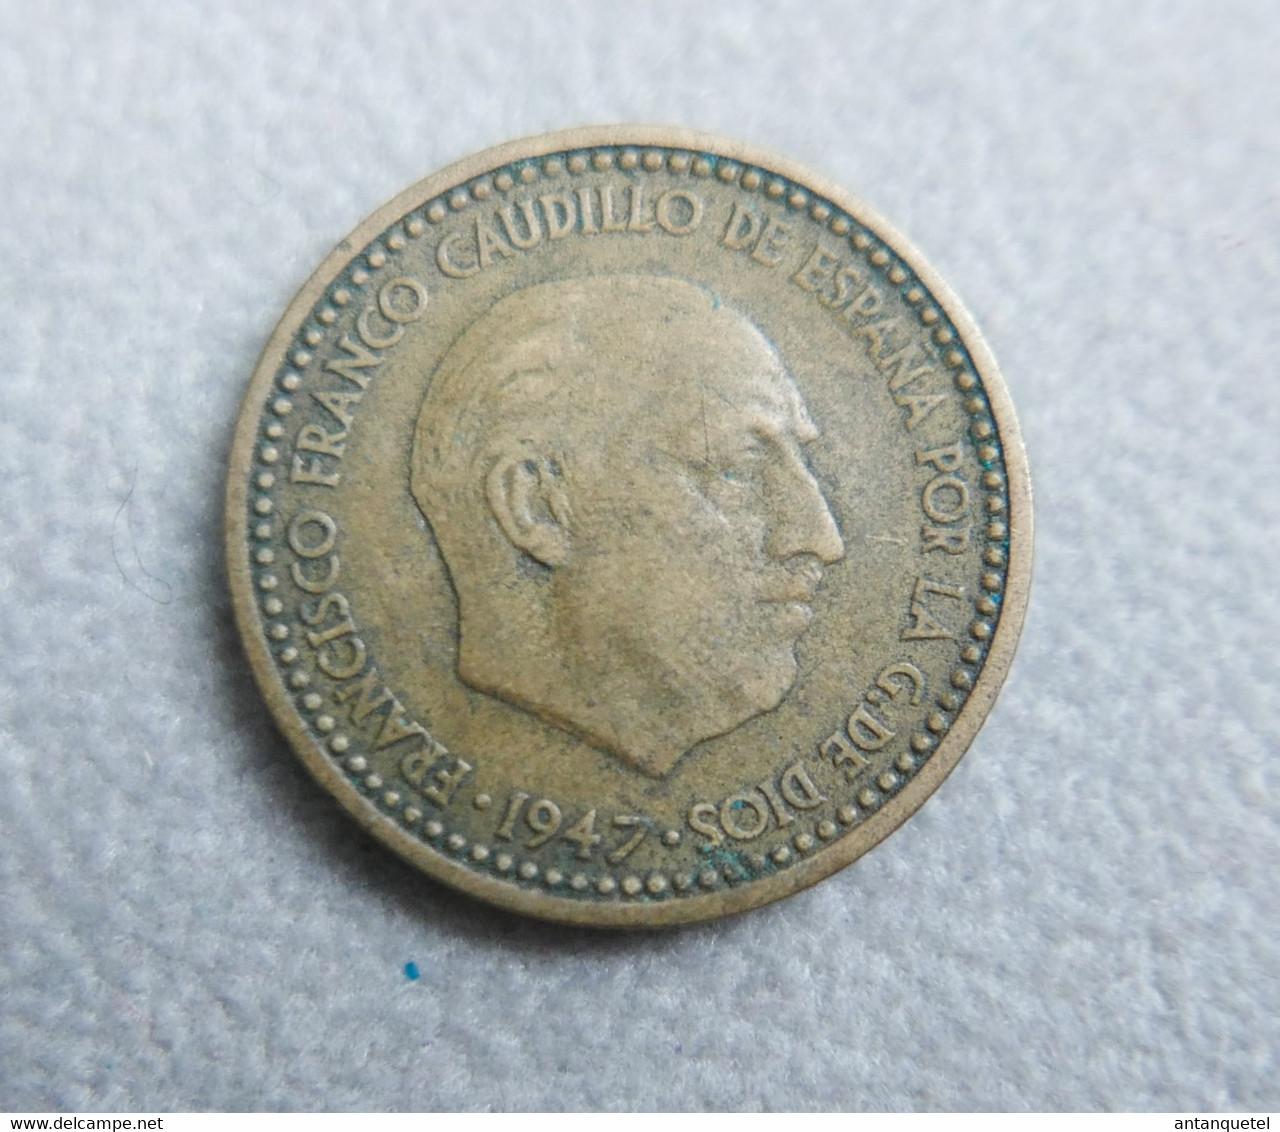 Monnaie D'Espagne—1 Peseta—Franco 1re Effigie—1947—Etat Moyen - 1 Peseta